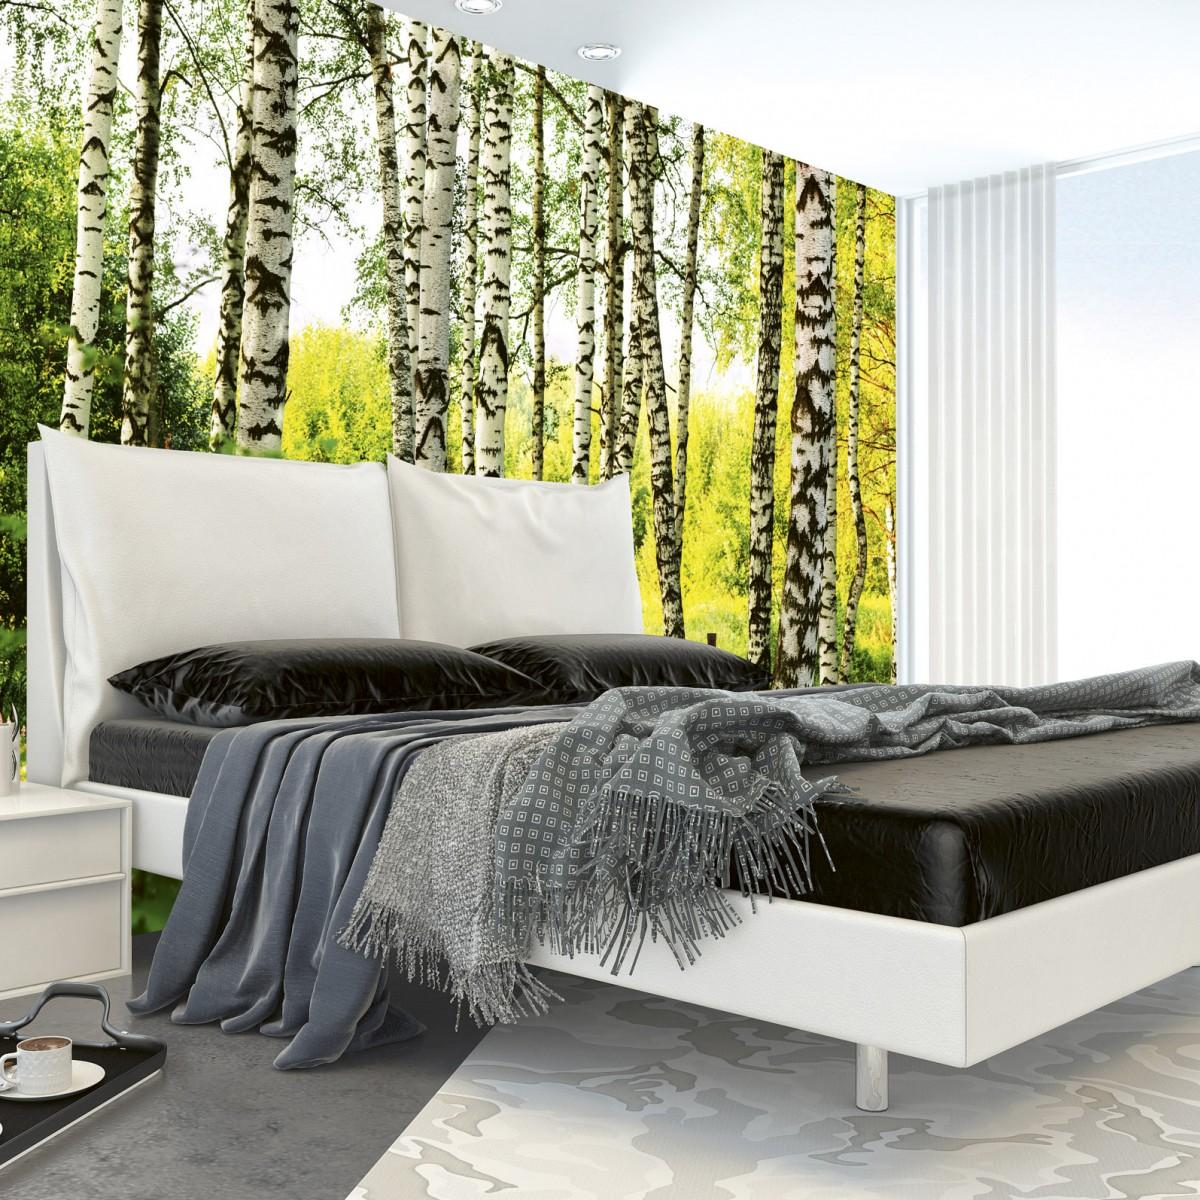 Foto tapet 3D Birch Forest, Dimex, 5 fâșii, 375 x 250cm